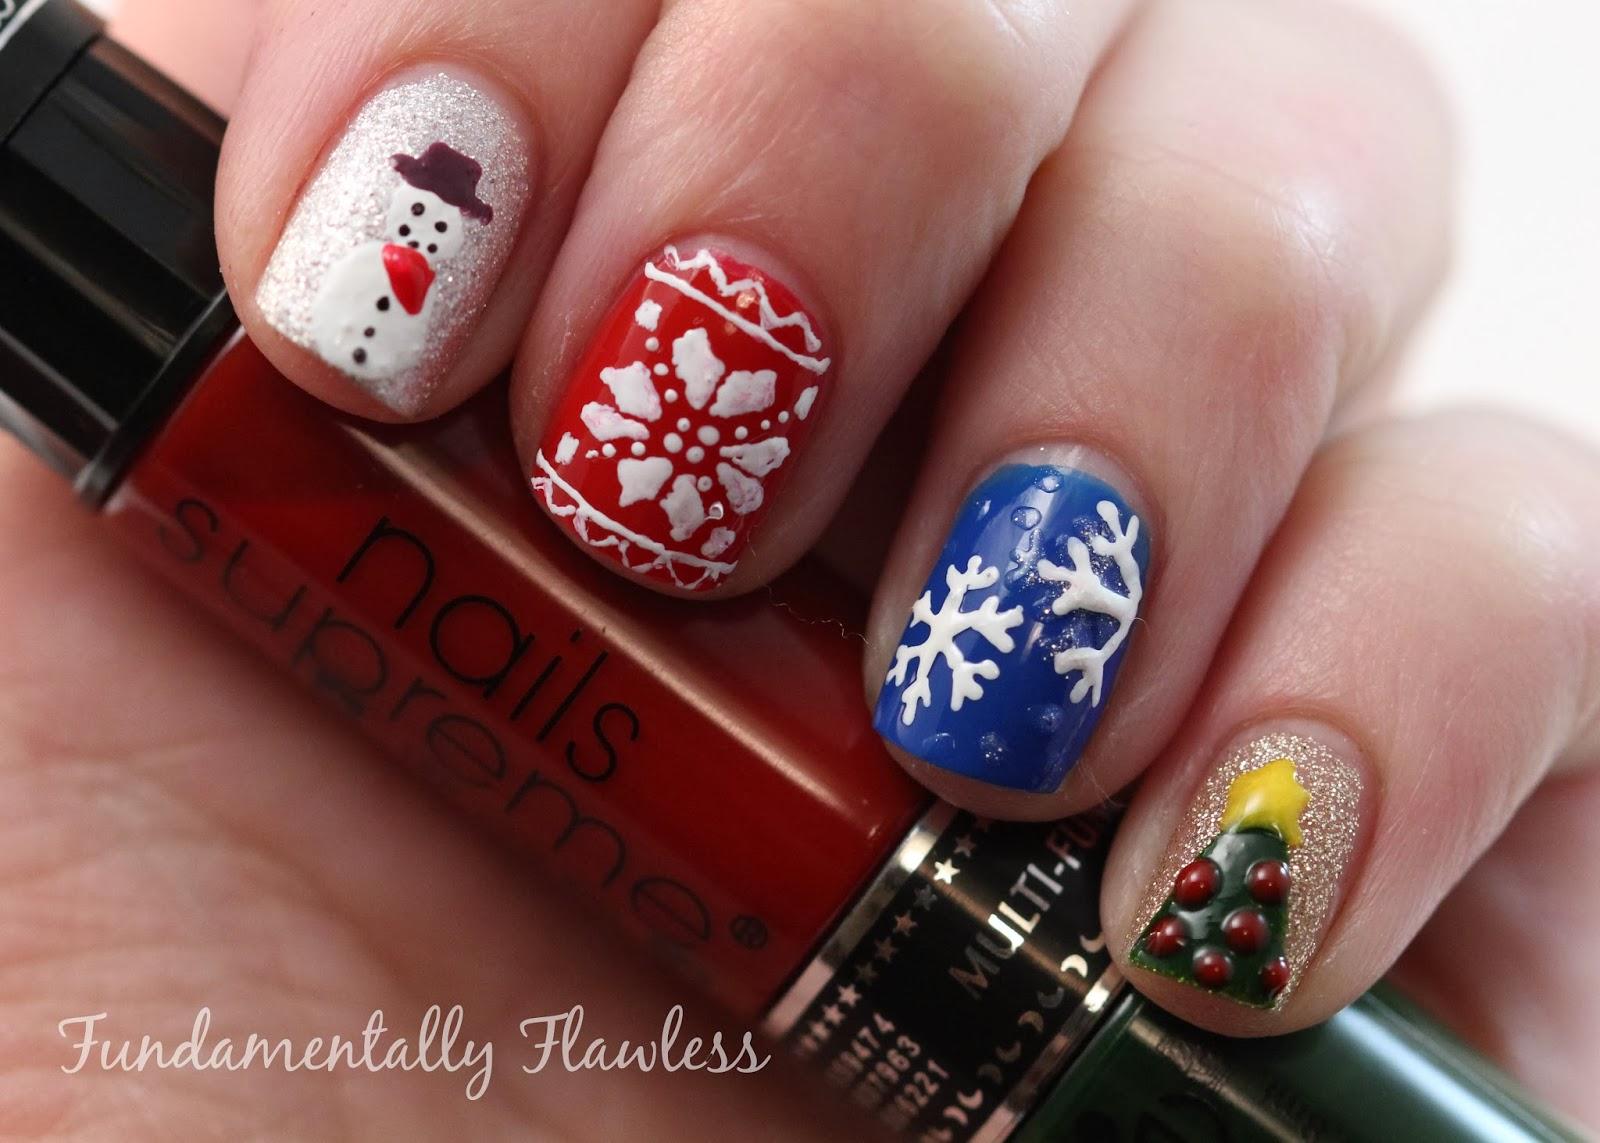 Fundamentally Flawless: Christmas Nail Art: Nails Supreme ...